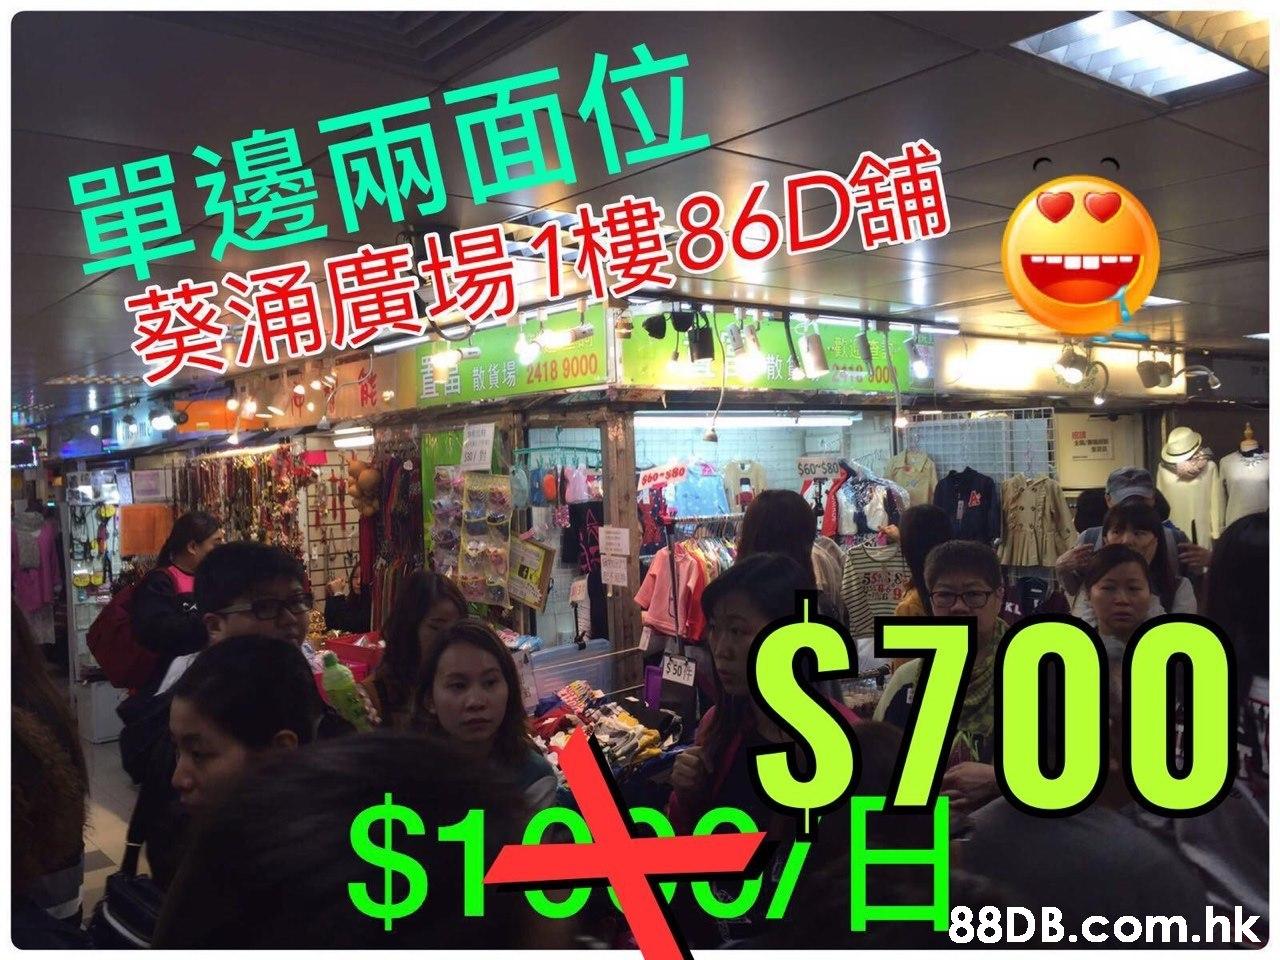 單邊兩面位 且国散質場2418 9000 $60*$80 S700 $19 $50 .hk